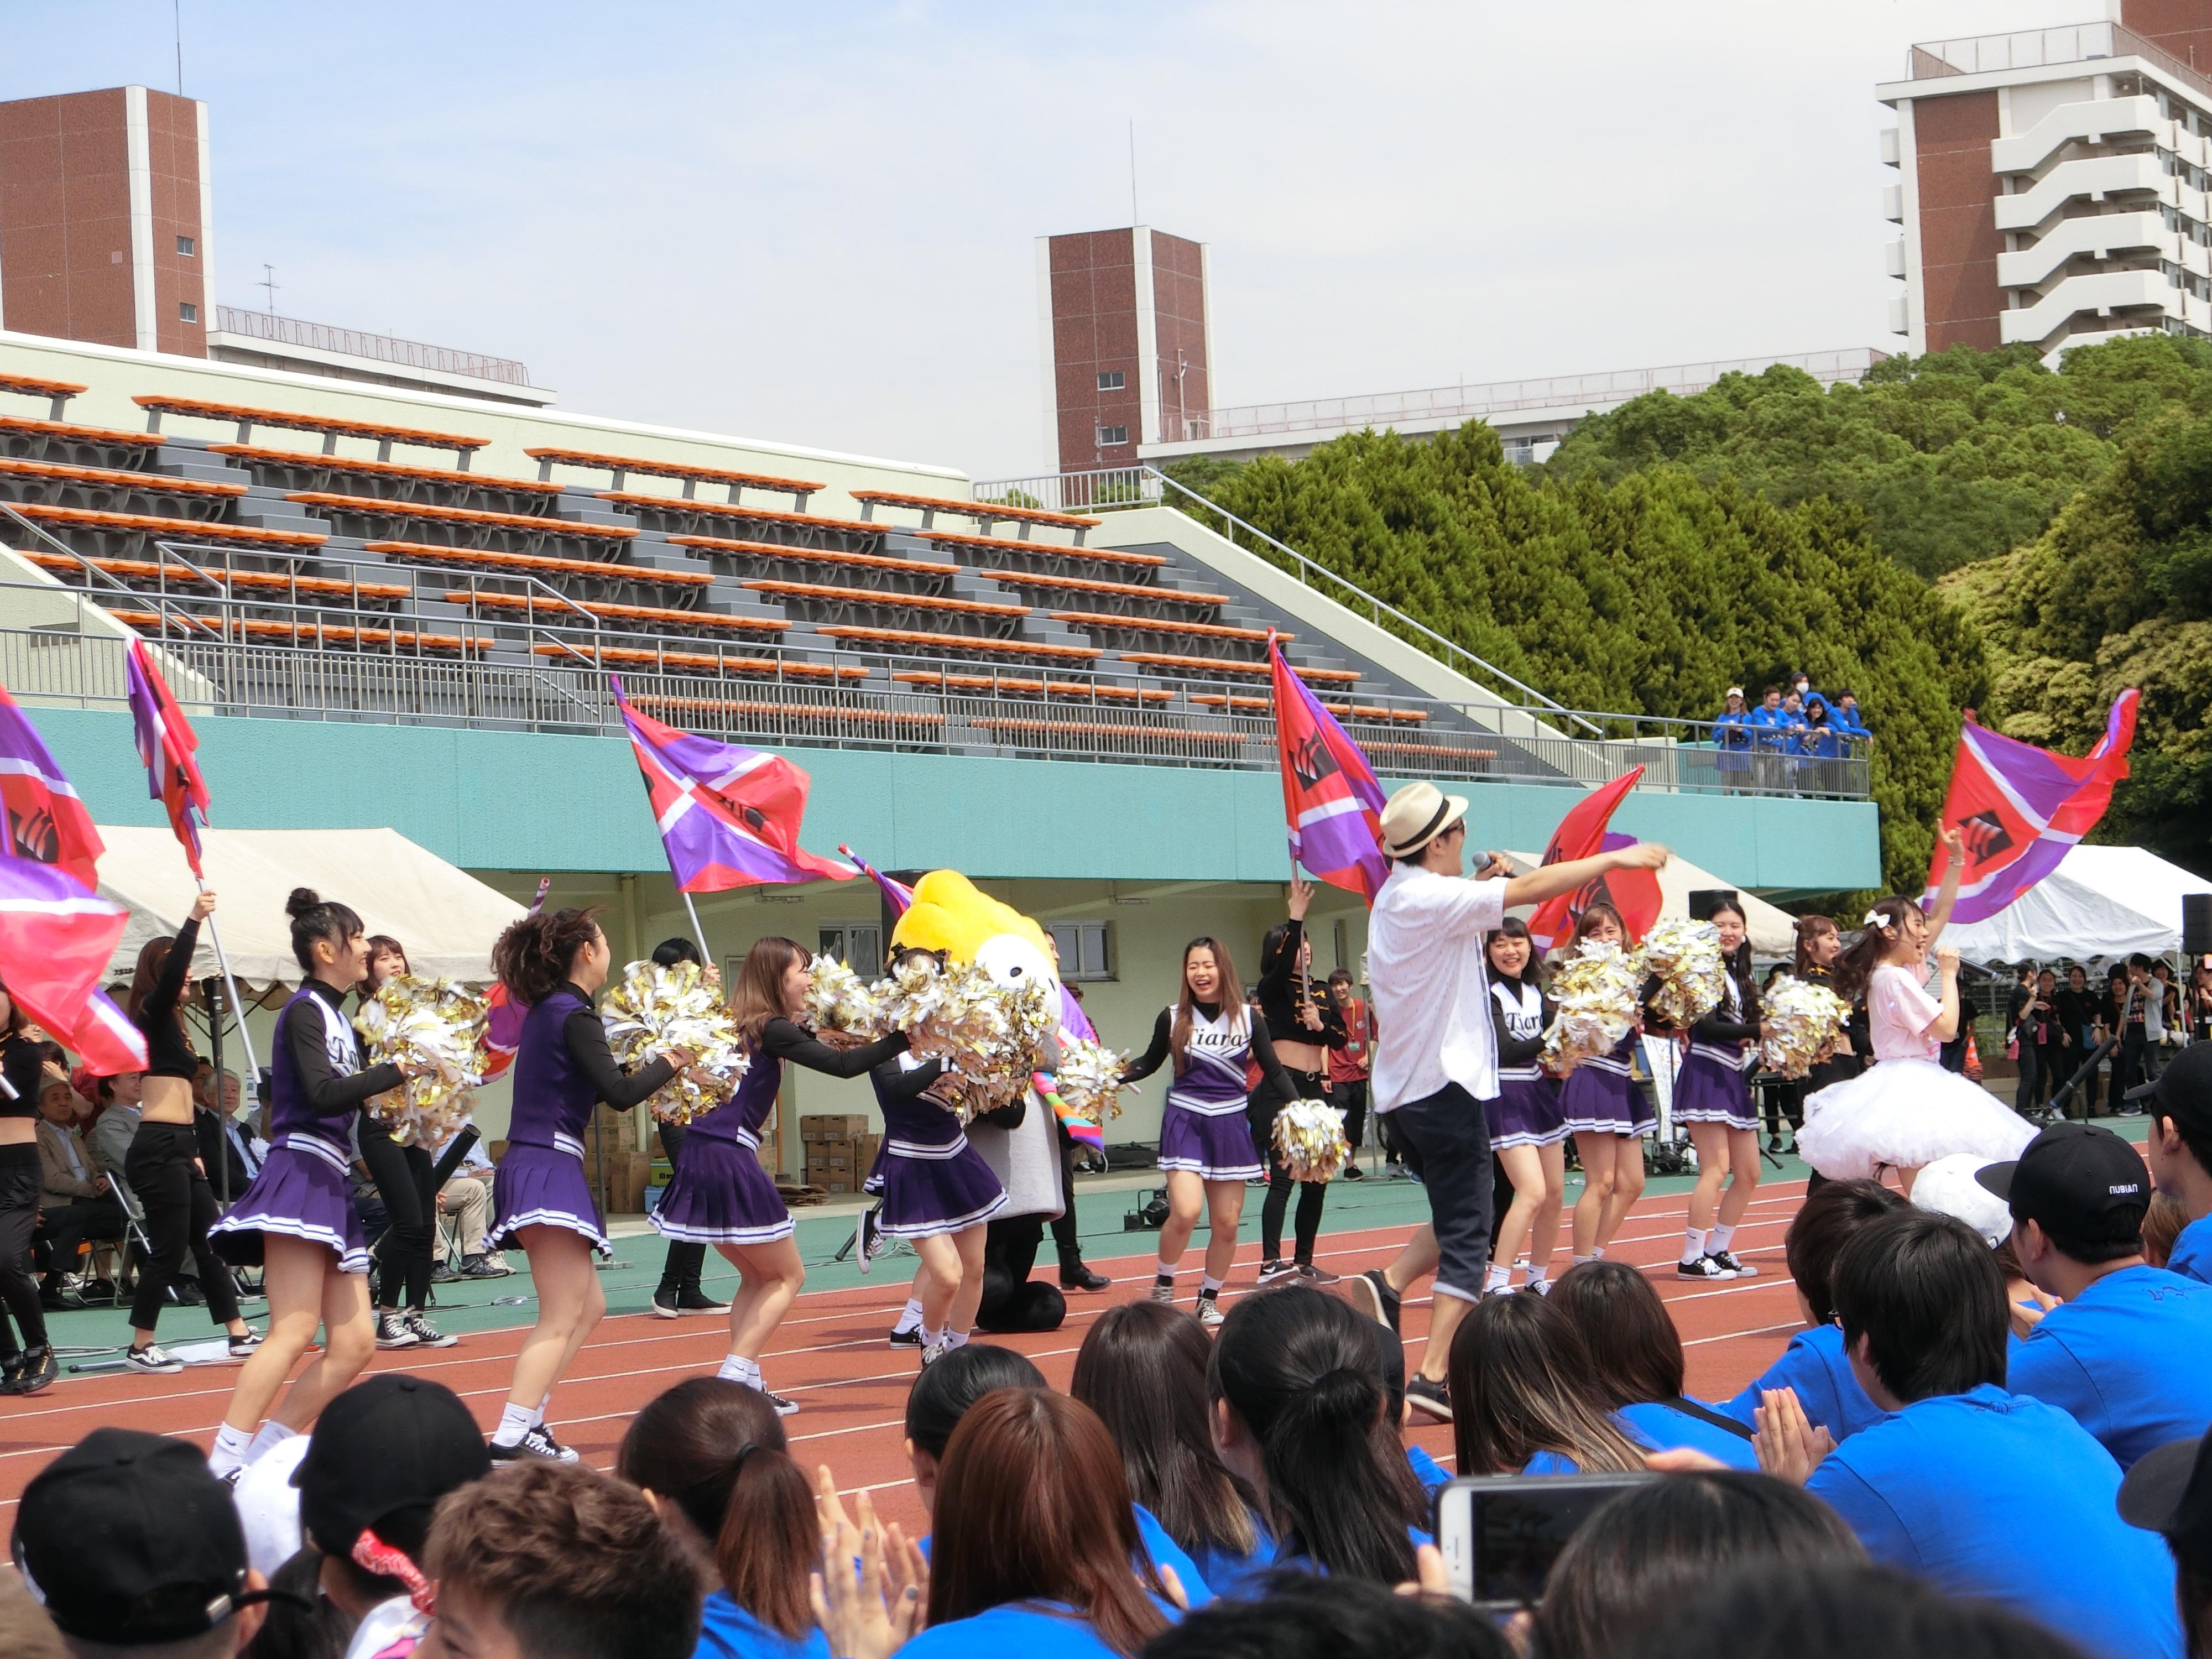 第53回かまた祭 公式ページ | 学園祭情報 | 東京蒲田 …